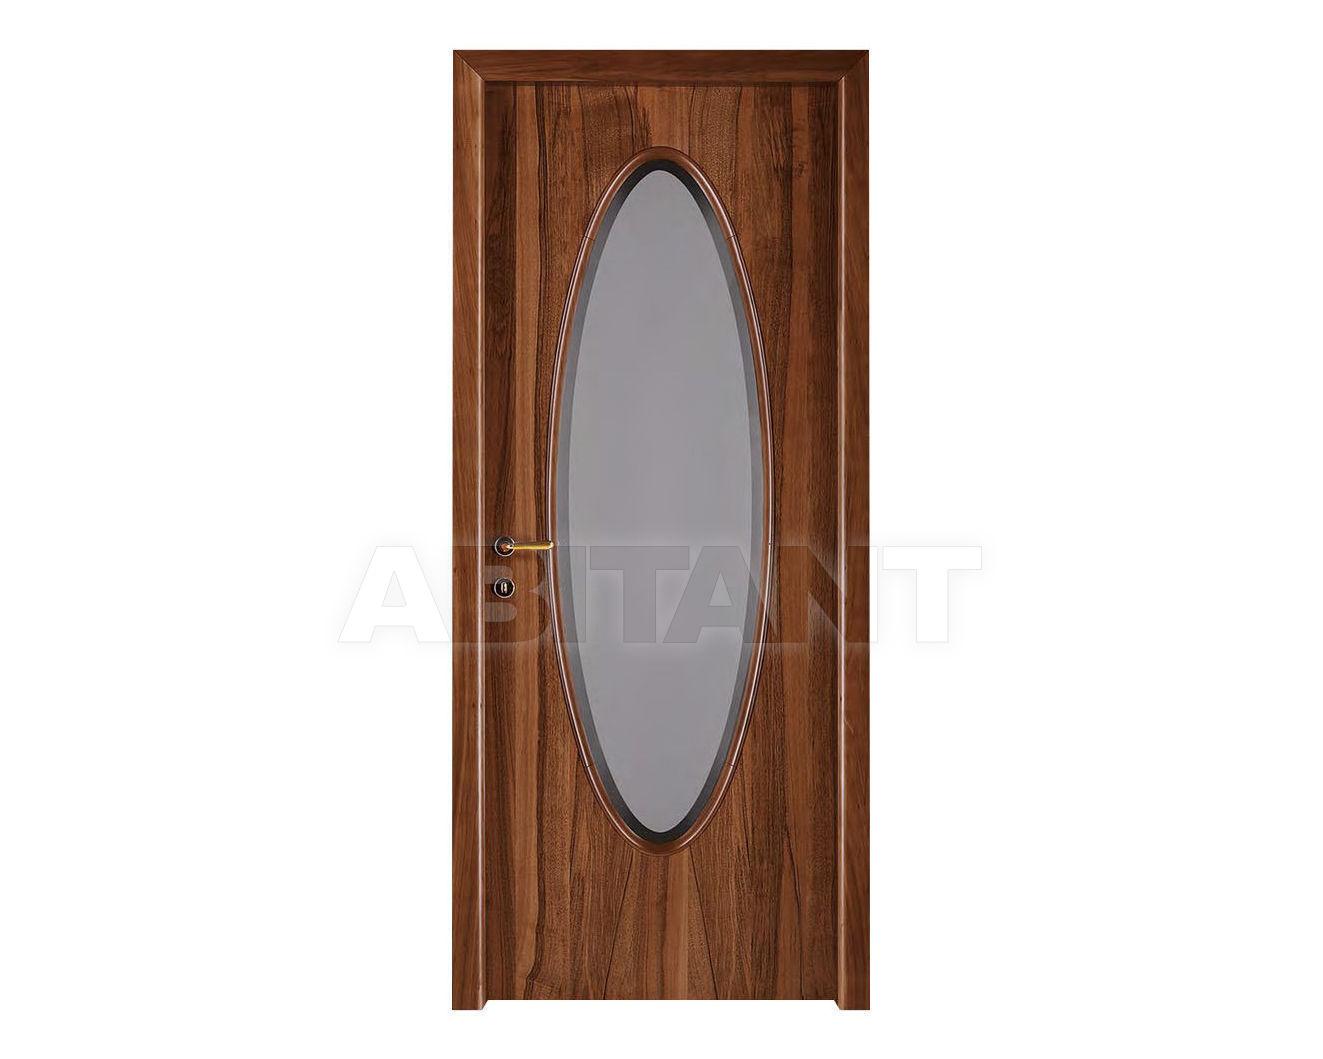 Купить Дверь деревянная Fioravazzi Pantografate ELLISSE VETRO TOP